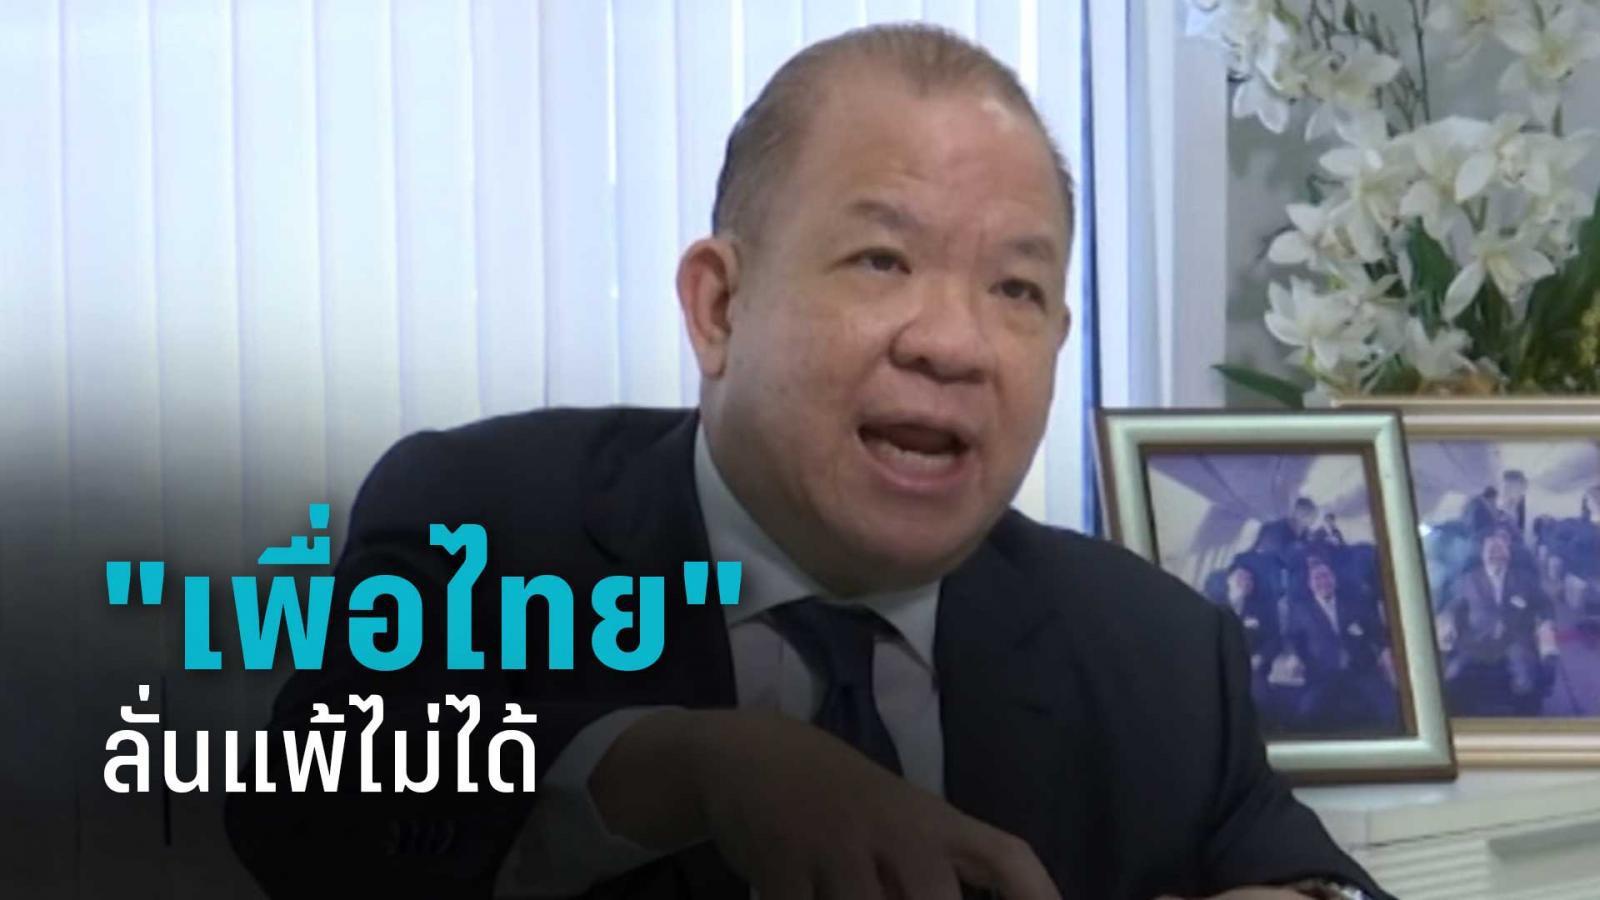 """สนามดุเดือดศึกชิงนายกฯอบจ.เชียงใหม่ """"เพื่อไทย"""" ลั่นแพ้ไม่ได้"""